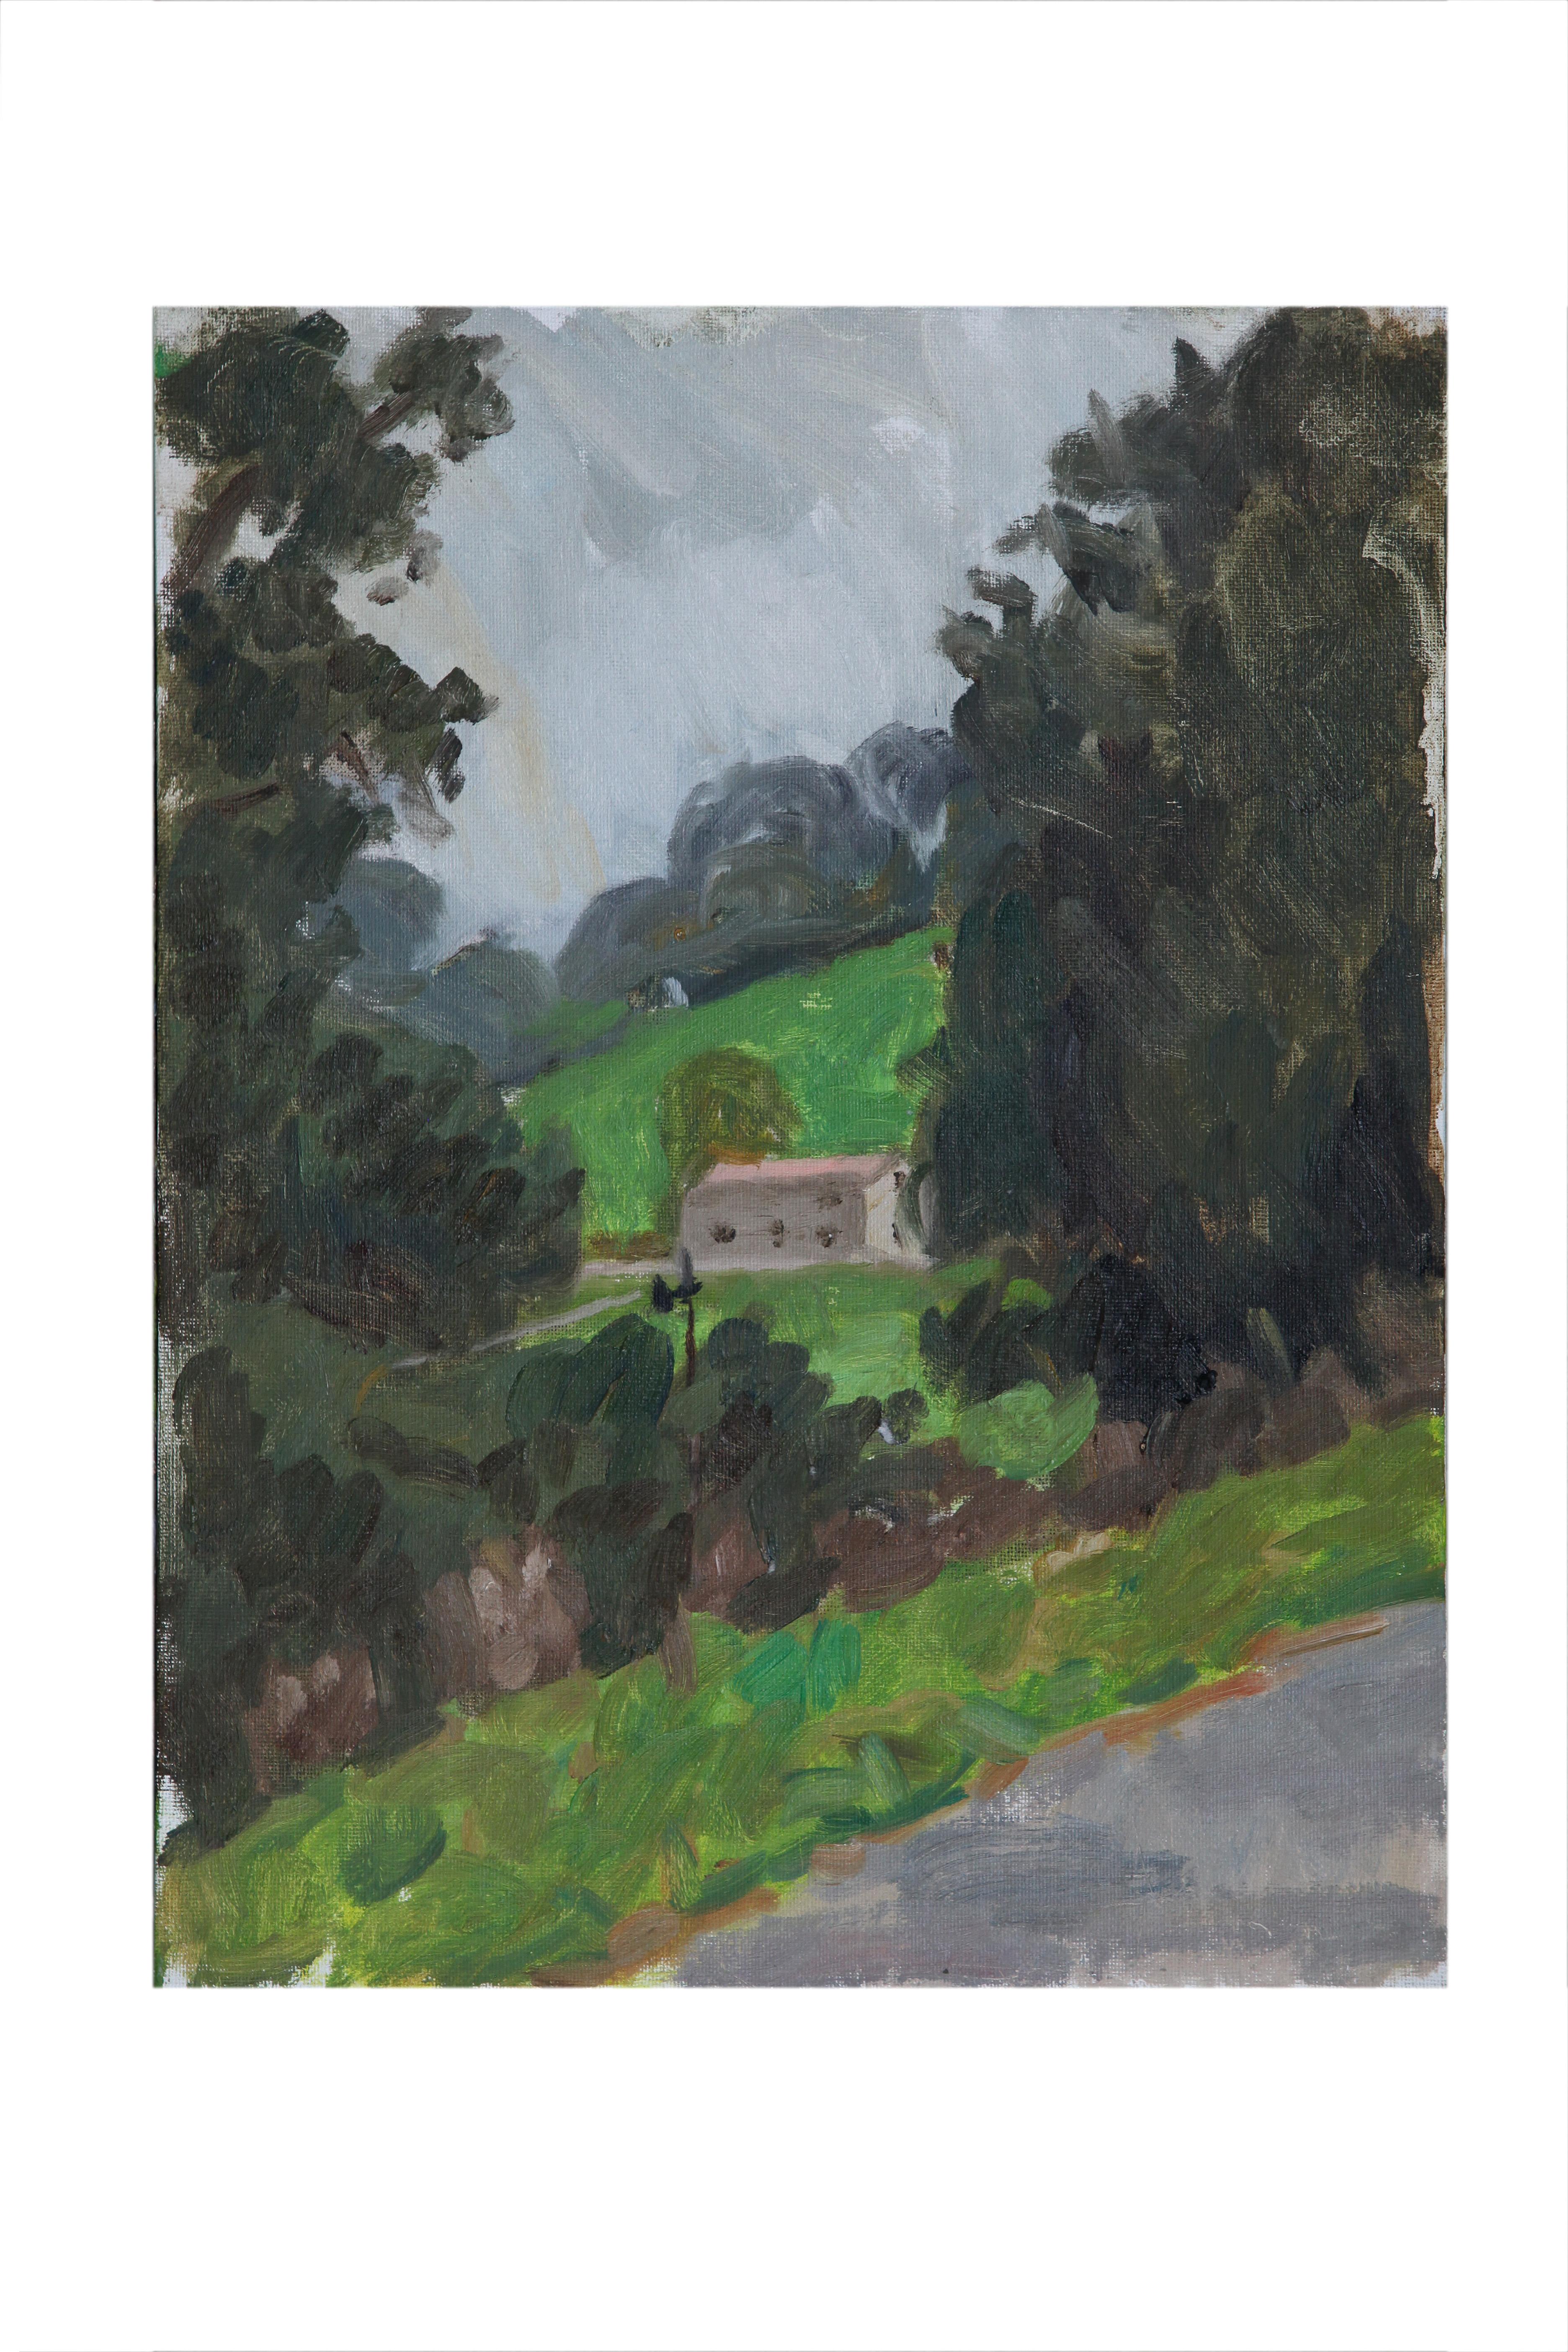 House across the valley,San Roque de rio